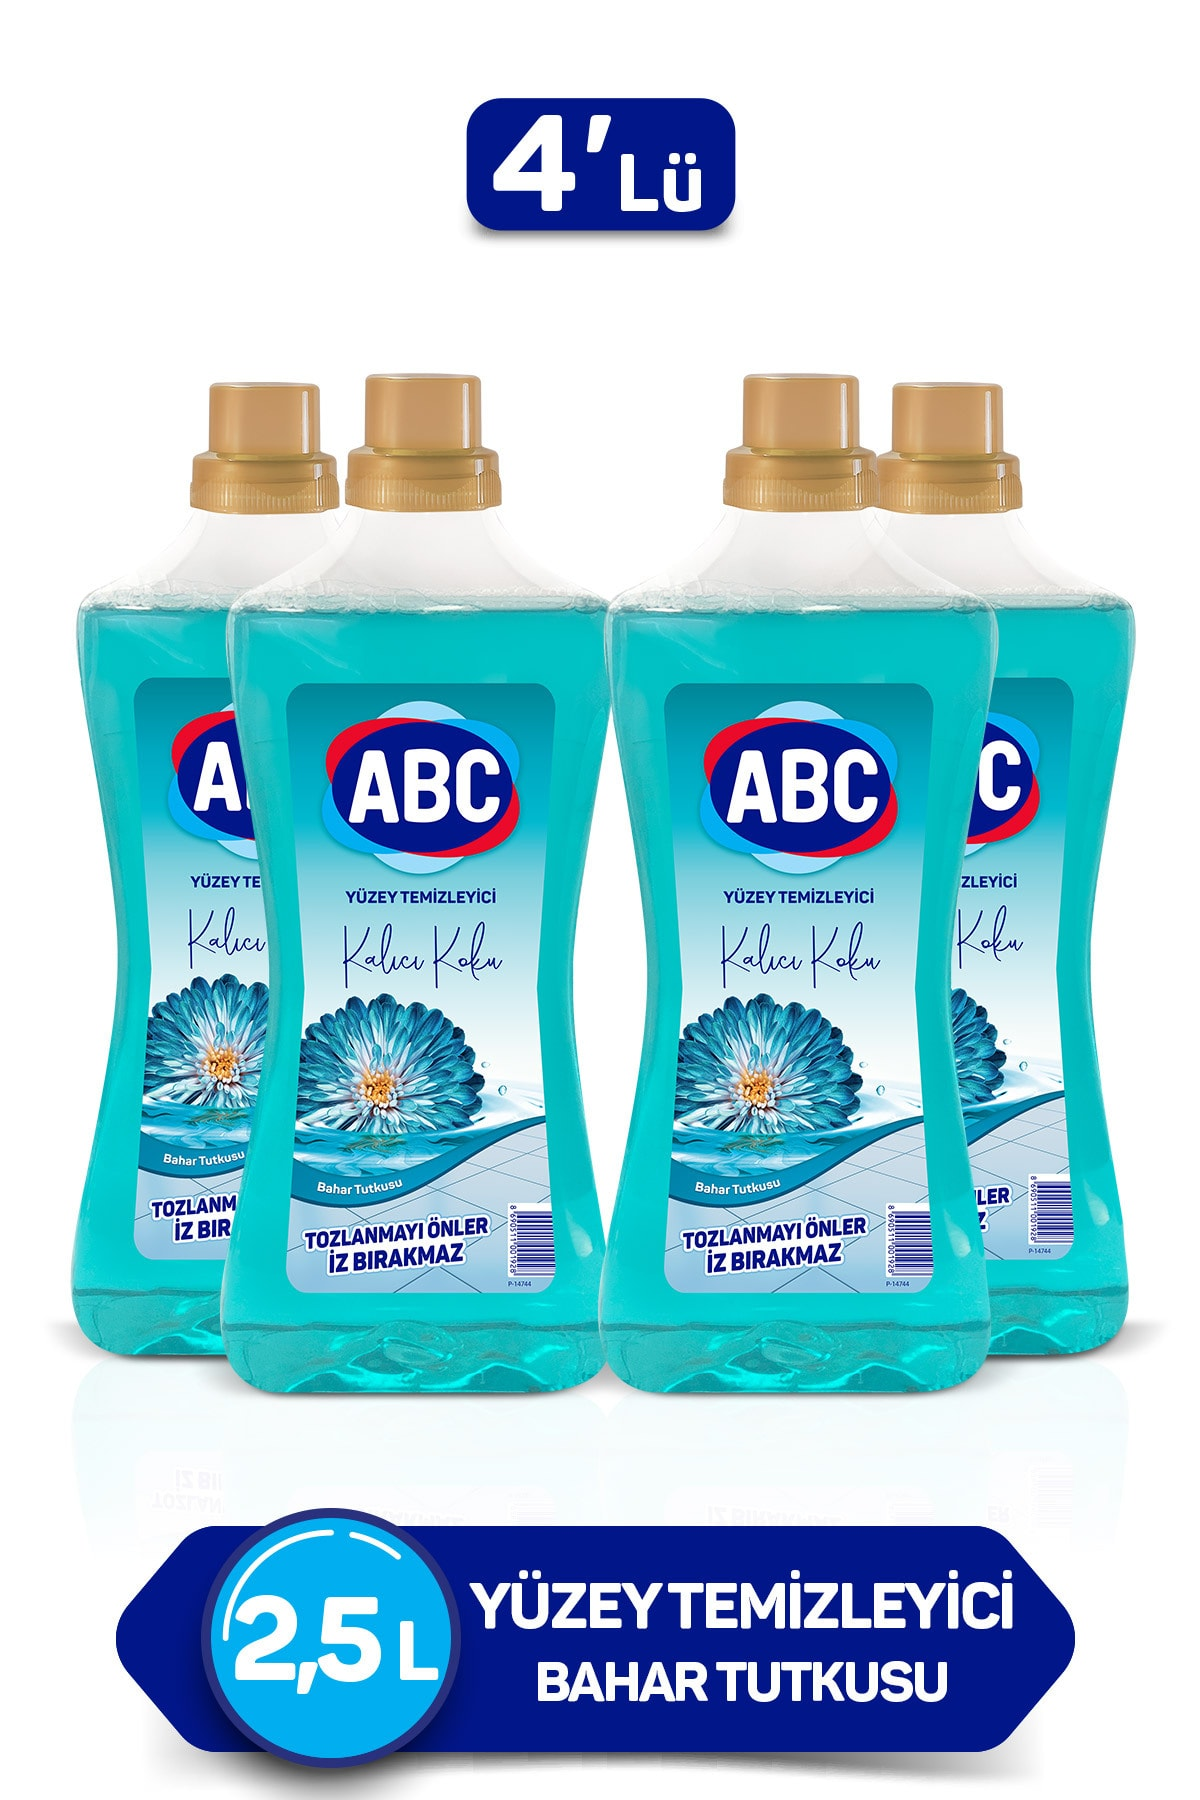 ABC Yüzey Temizleyici -  Bahar Tutkusu 2,5 lt x 4 Adet 2